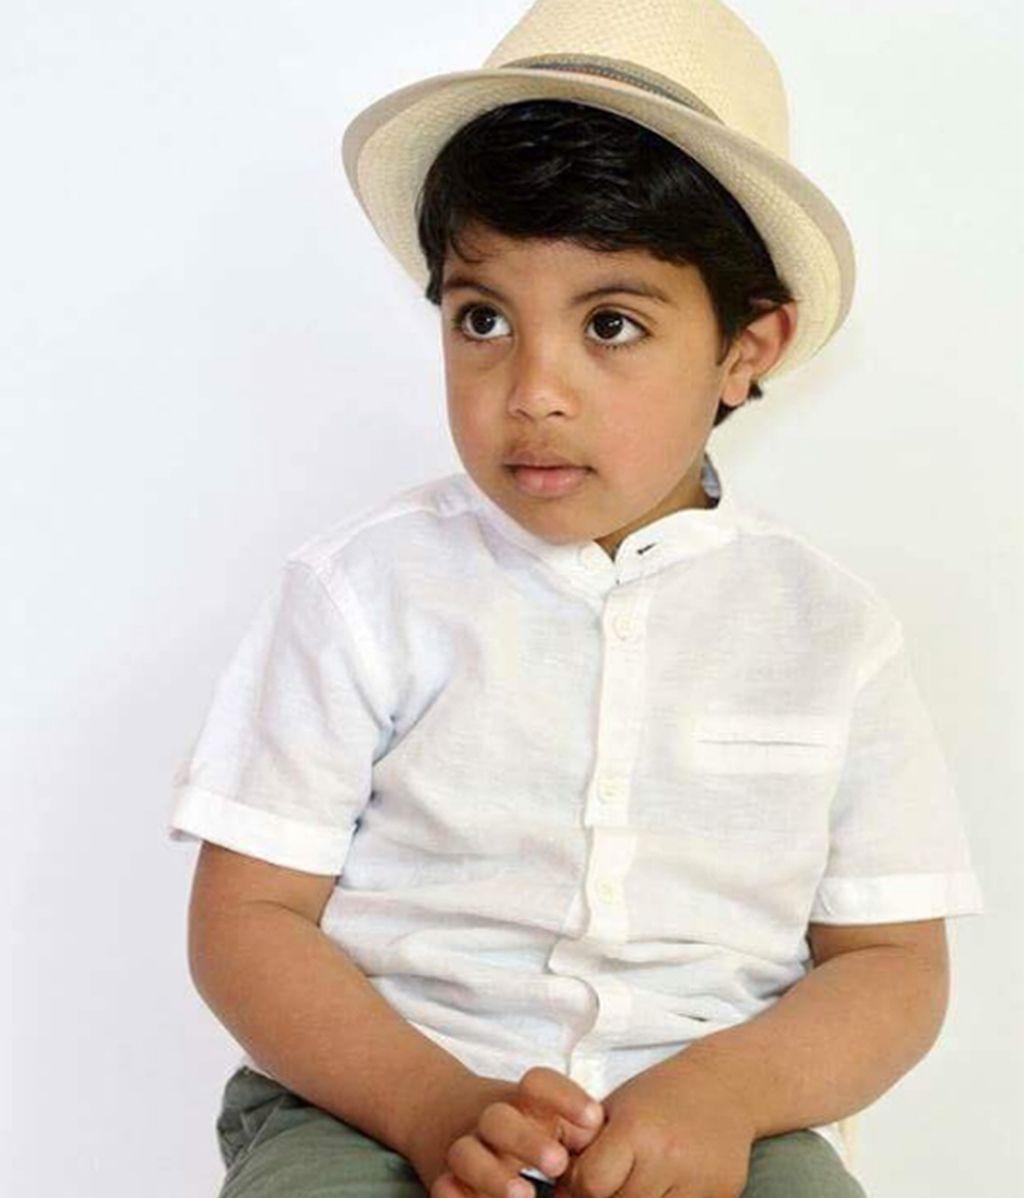 Kylian, de 4 años, desaparecido tras el atentado de Niza